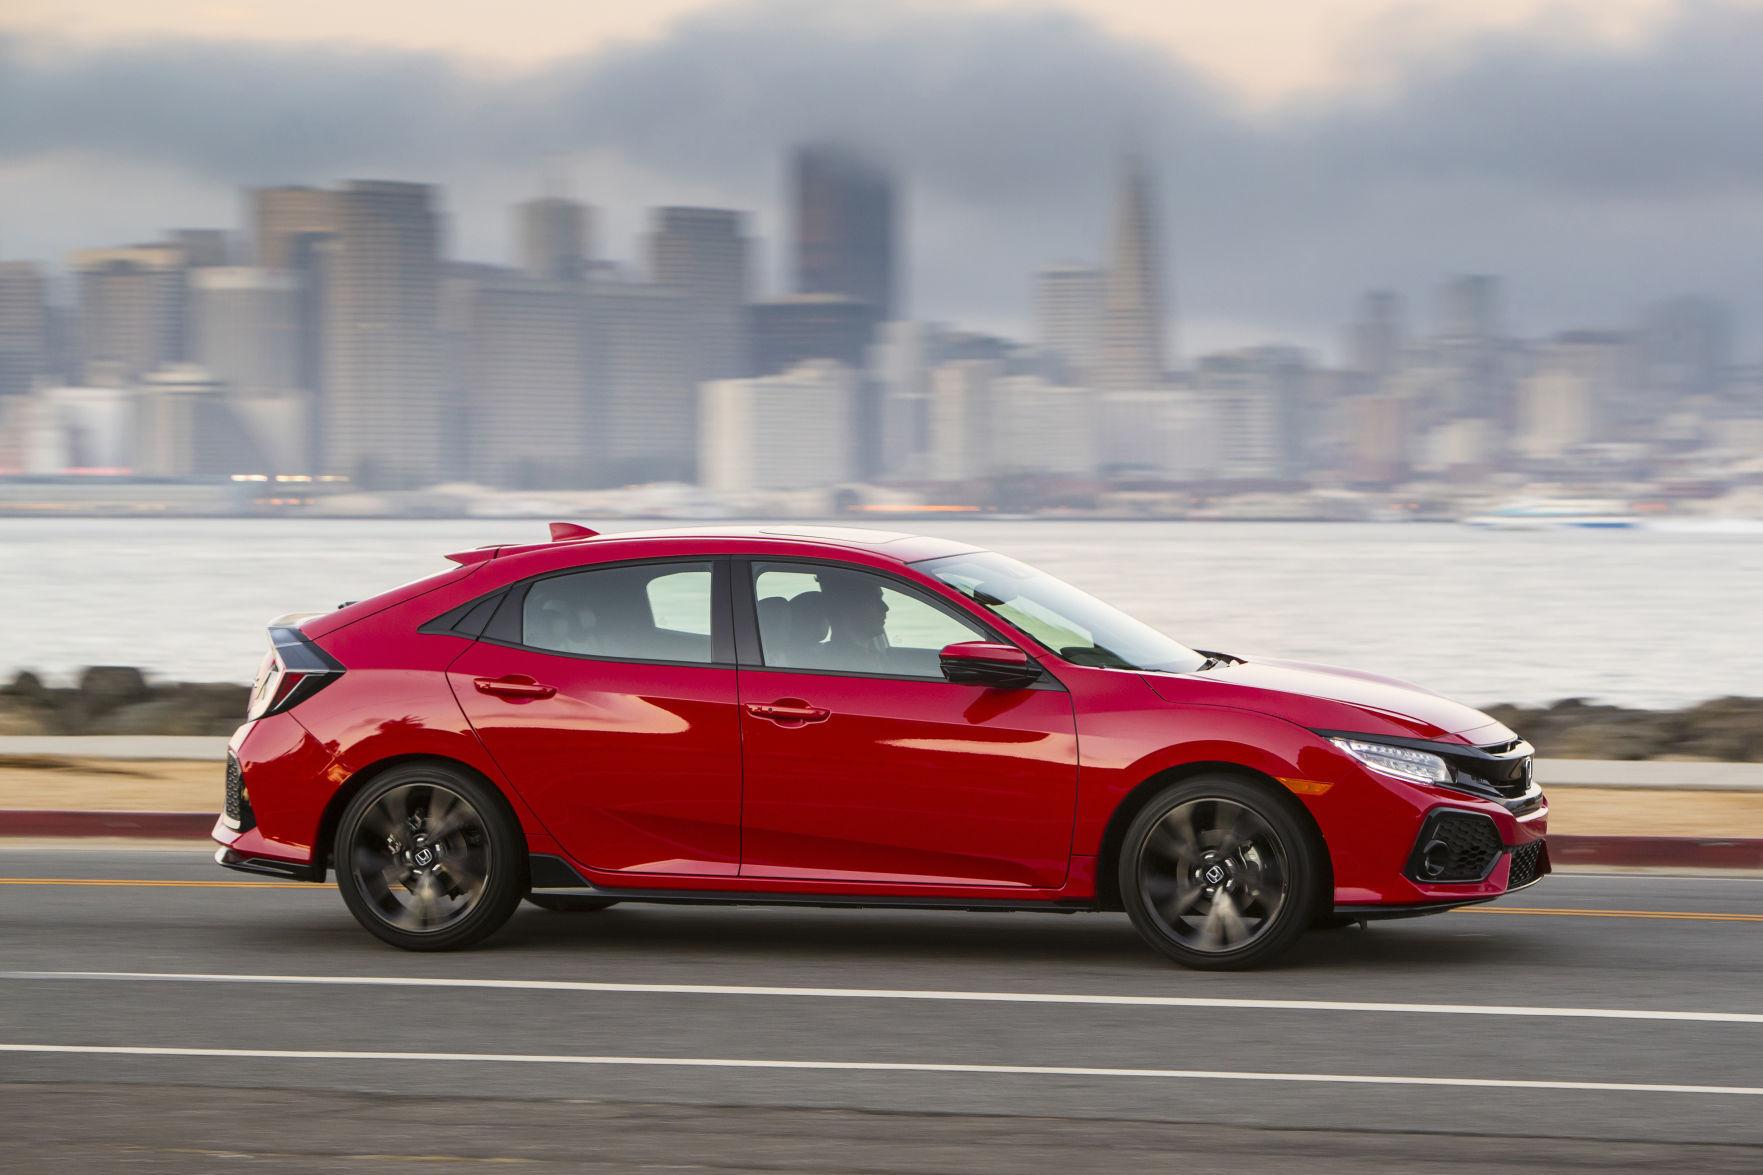 Honda adds five-door Civic hatchback for 2017 & Honda adds five-door Civic hatchback for 2017 | Ap | nwitimes.com